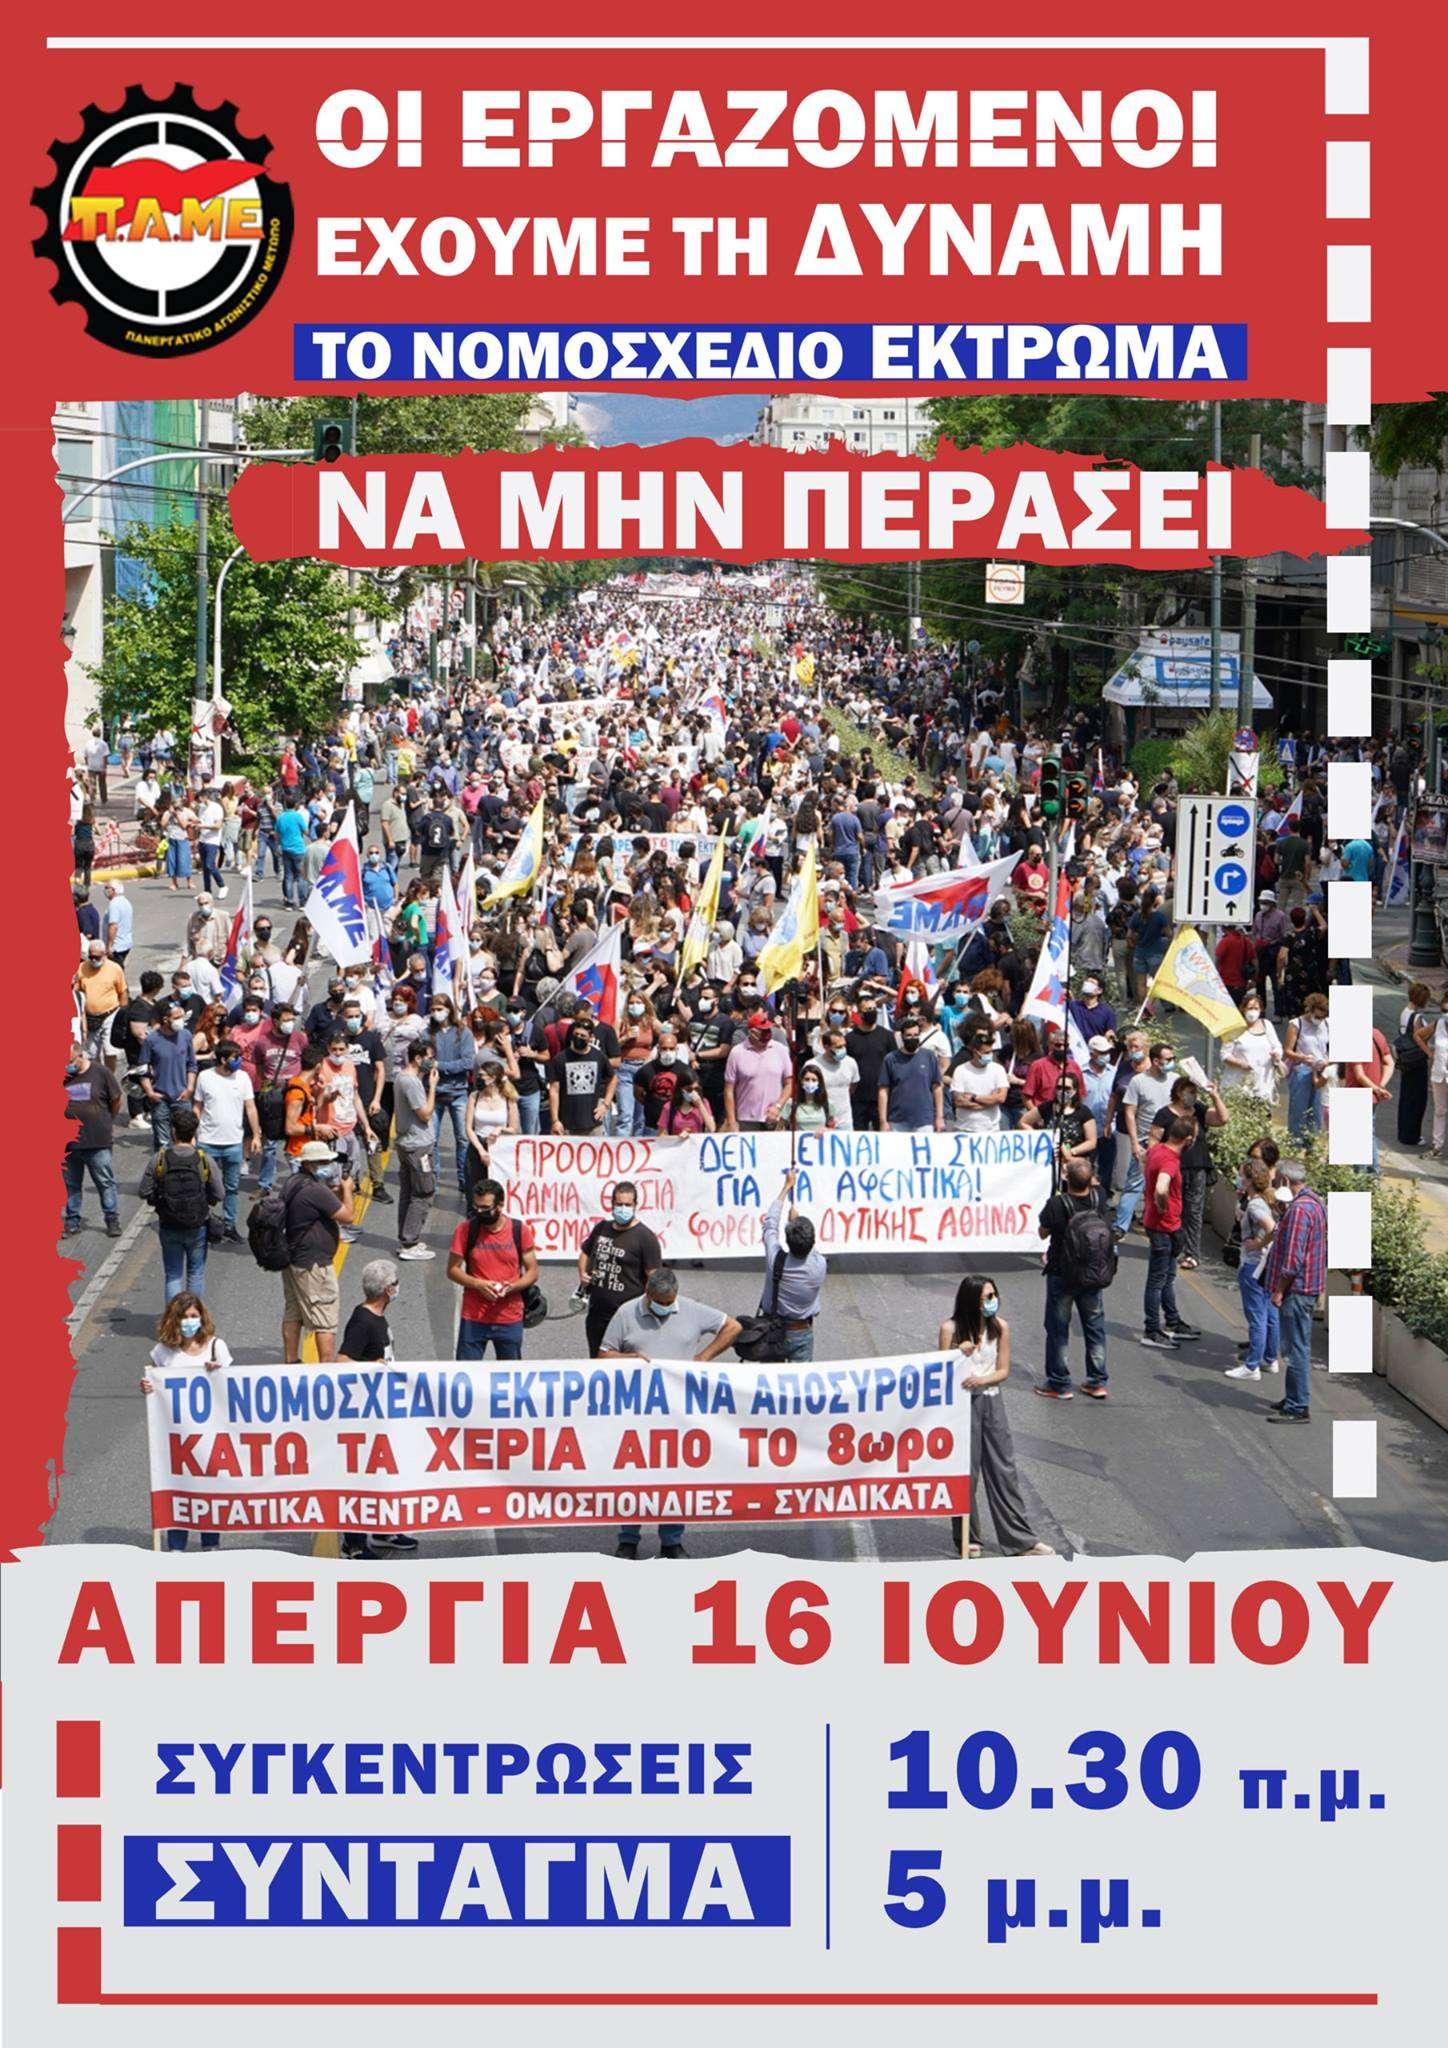 ΠΑΜΕ Αφίσα 16 Ιούνη